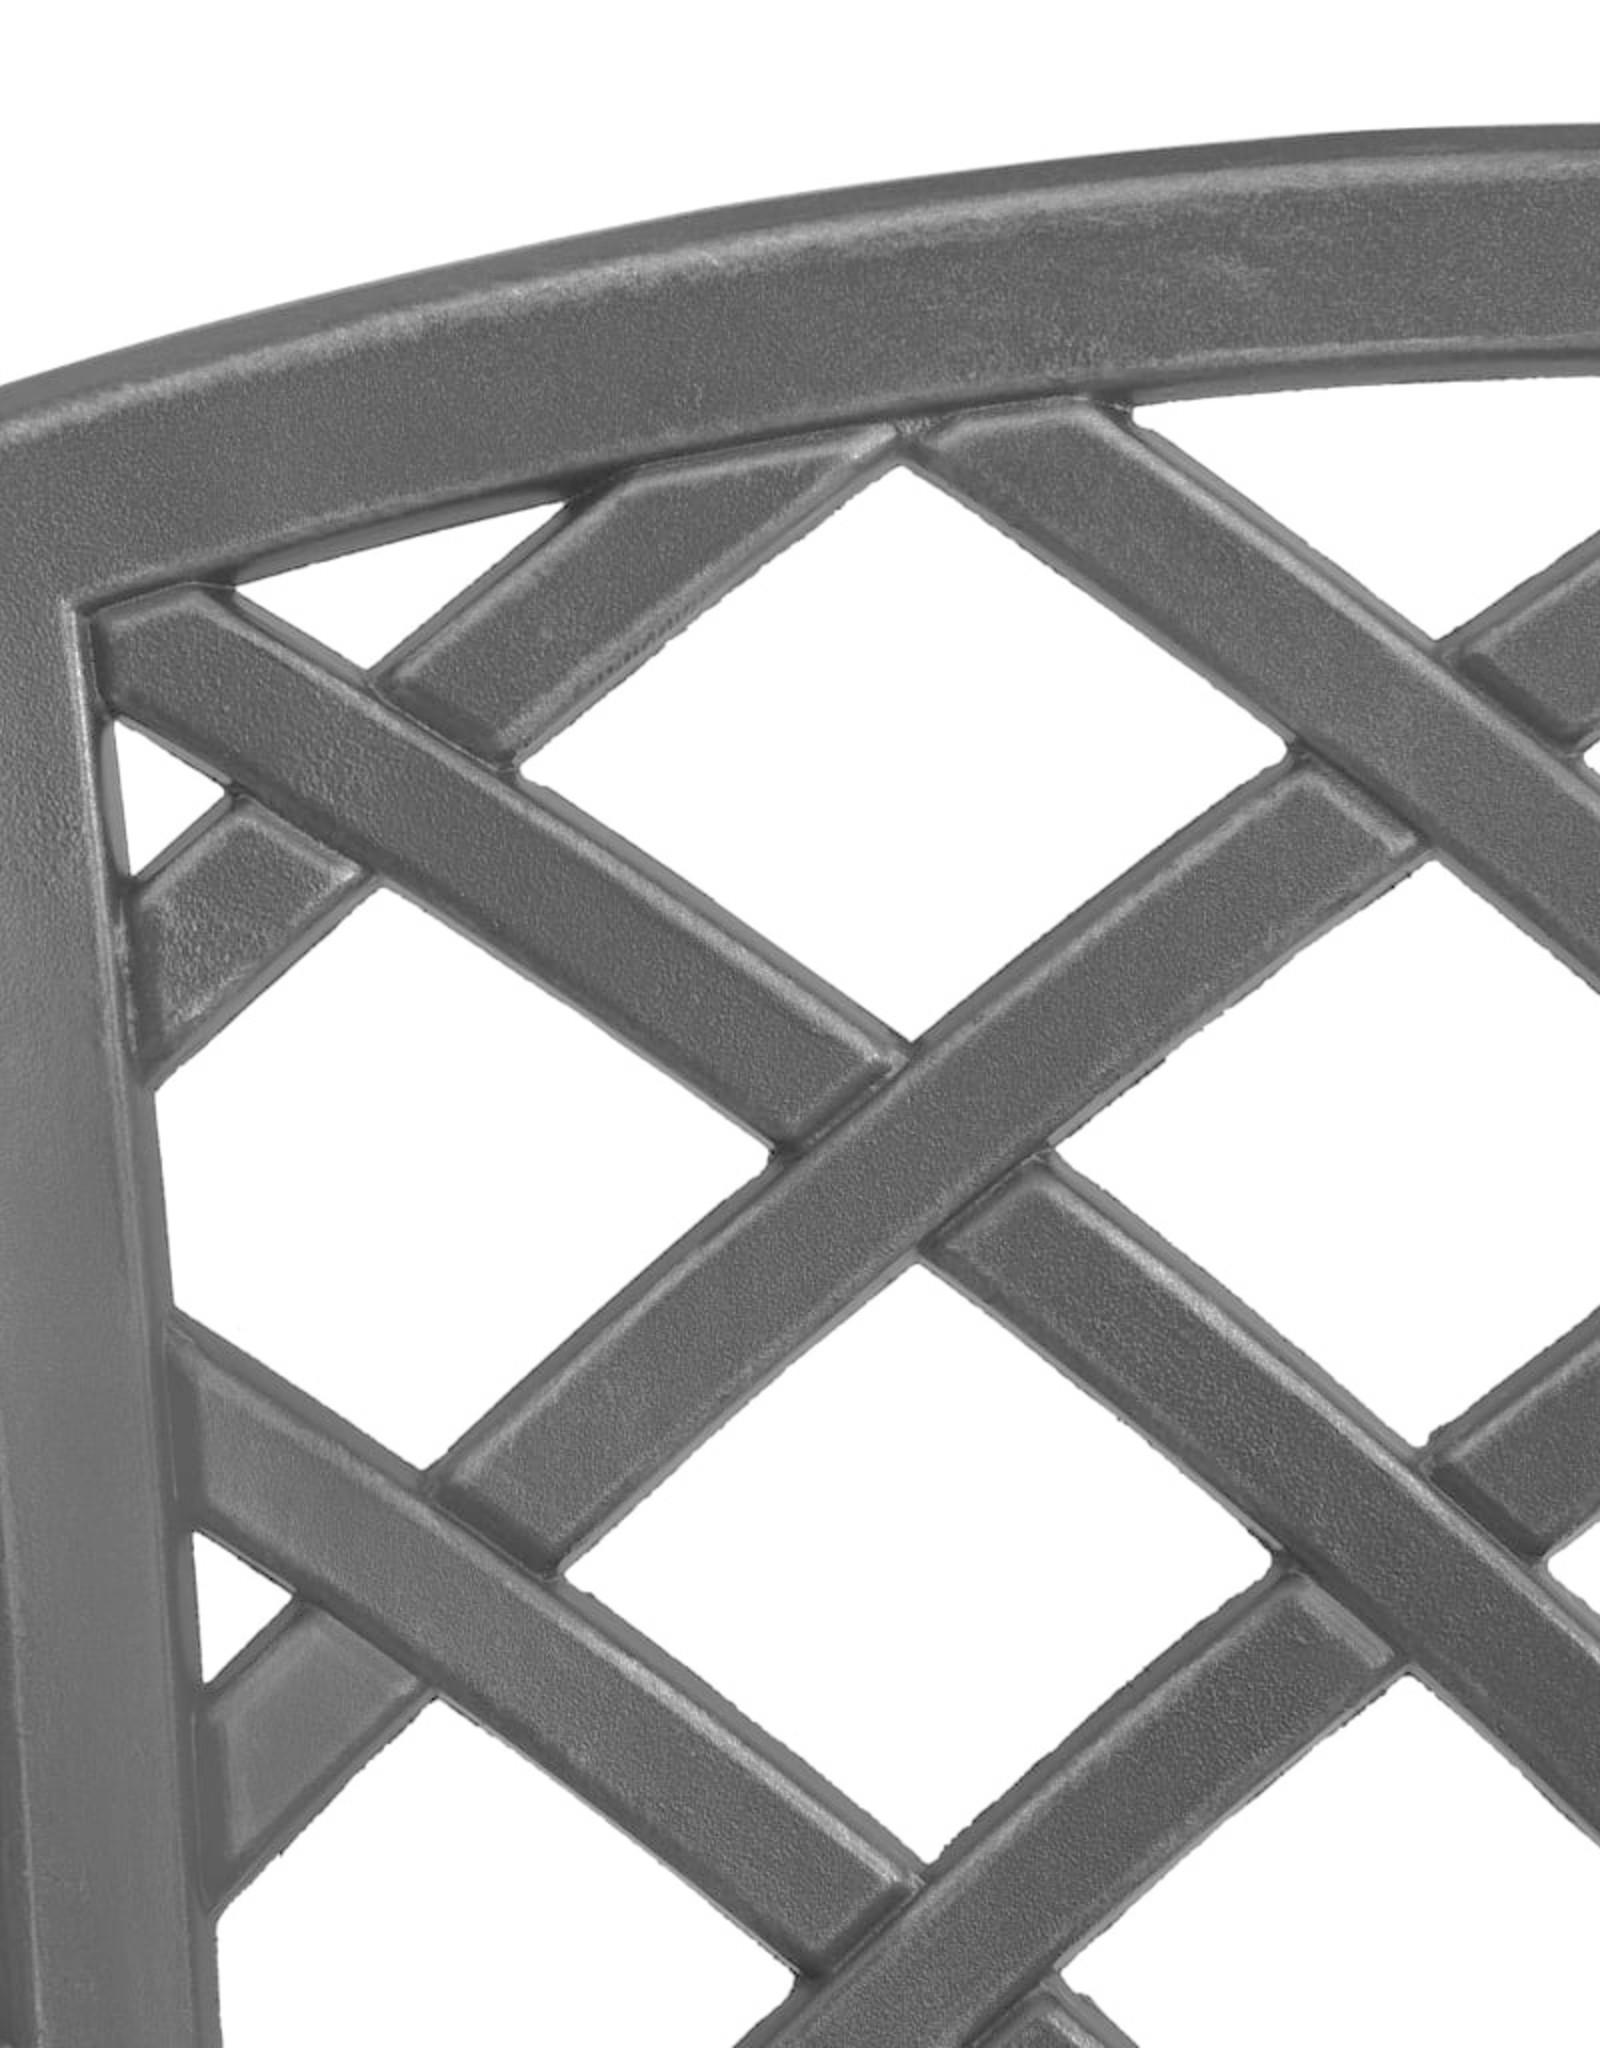 3-delige Bistroset gietaluminium zwart